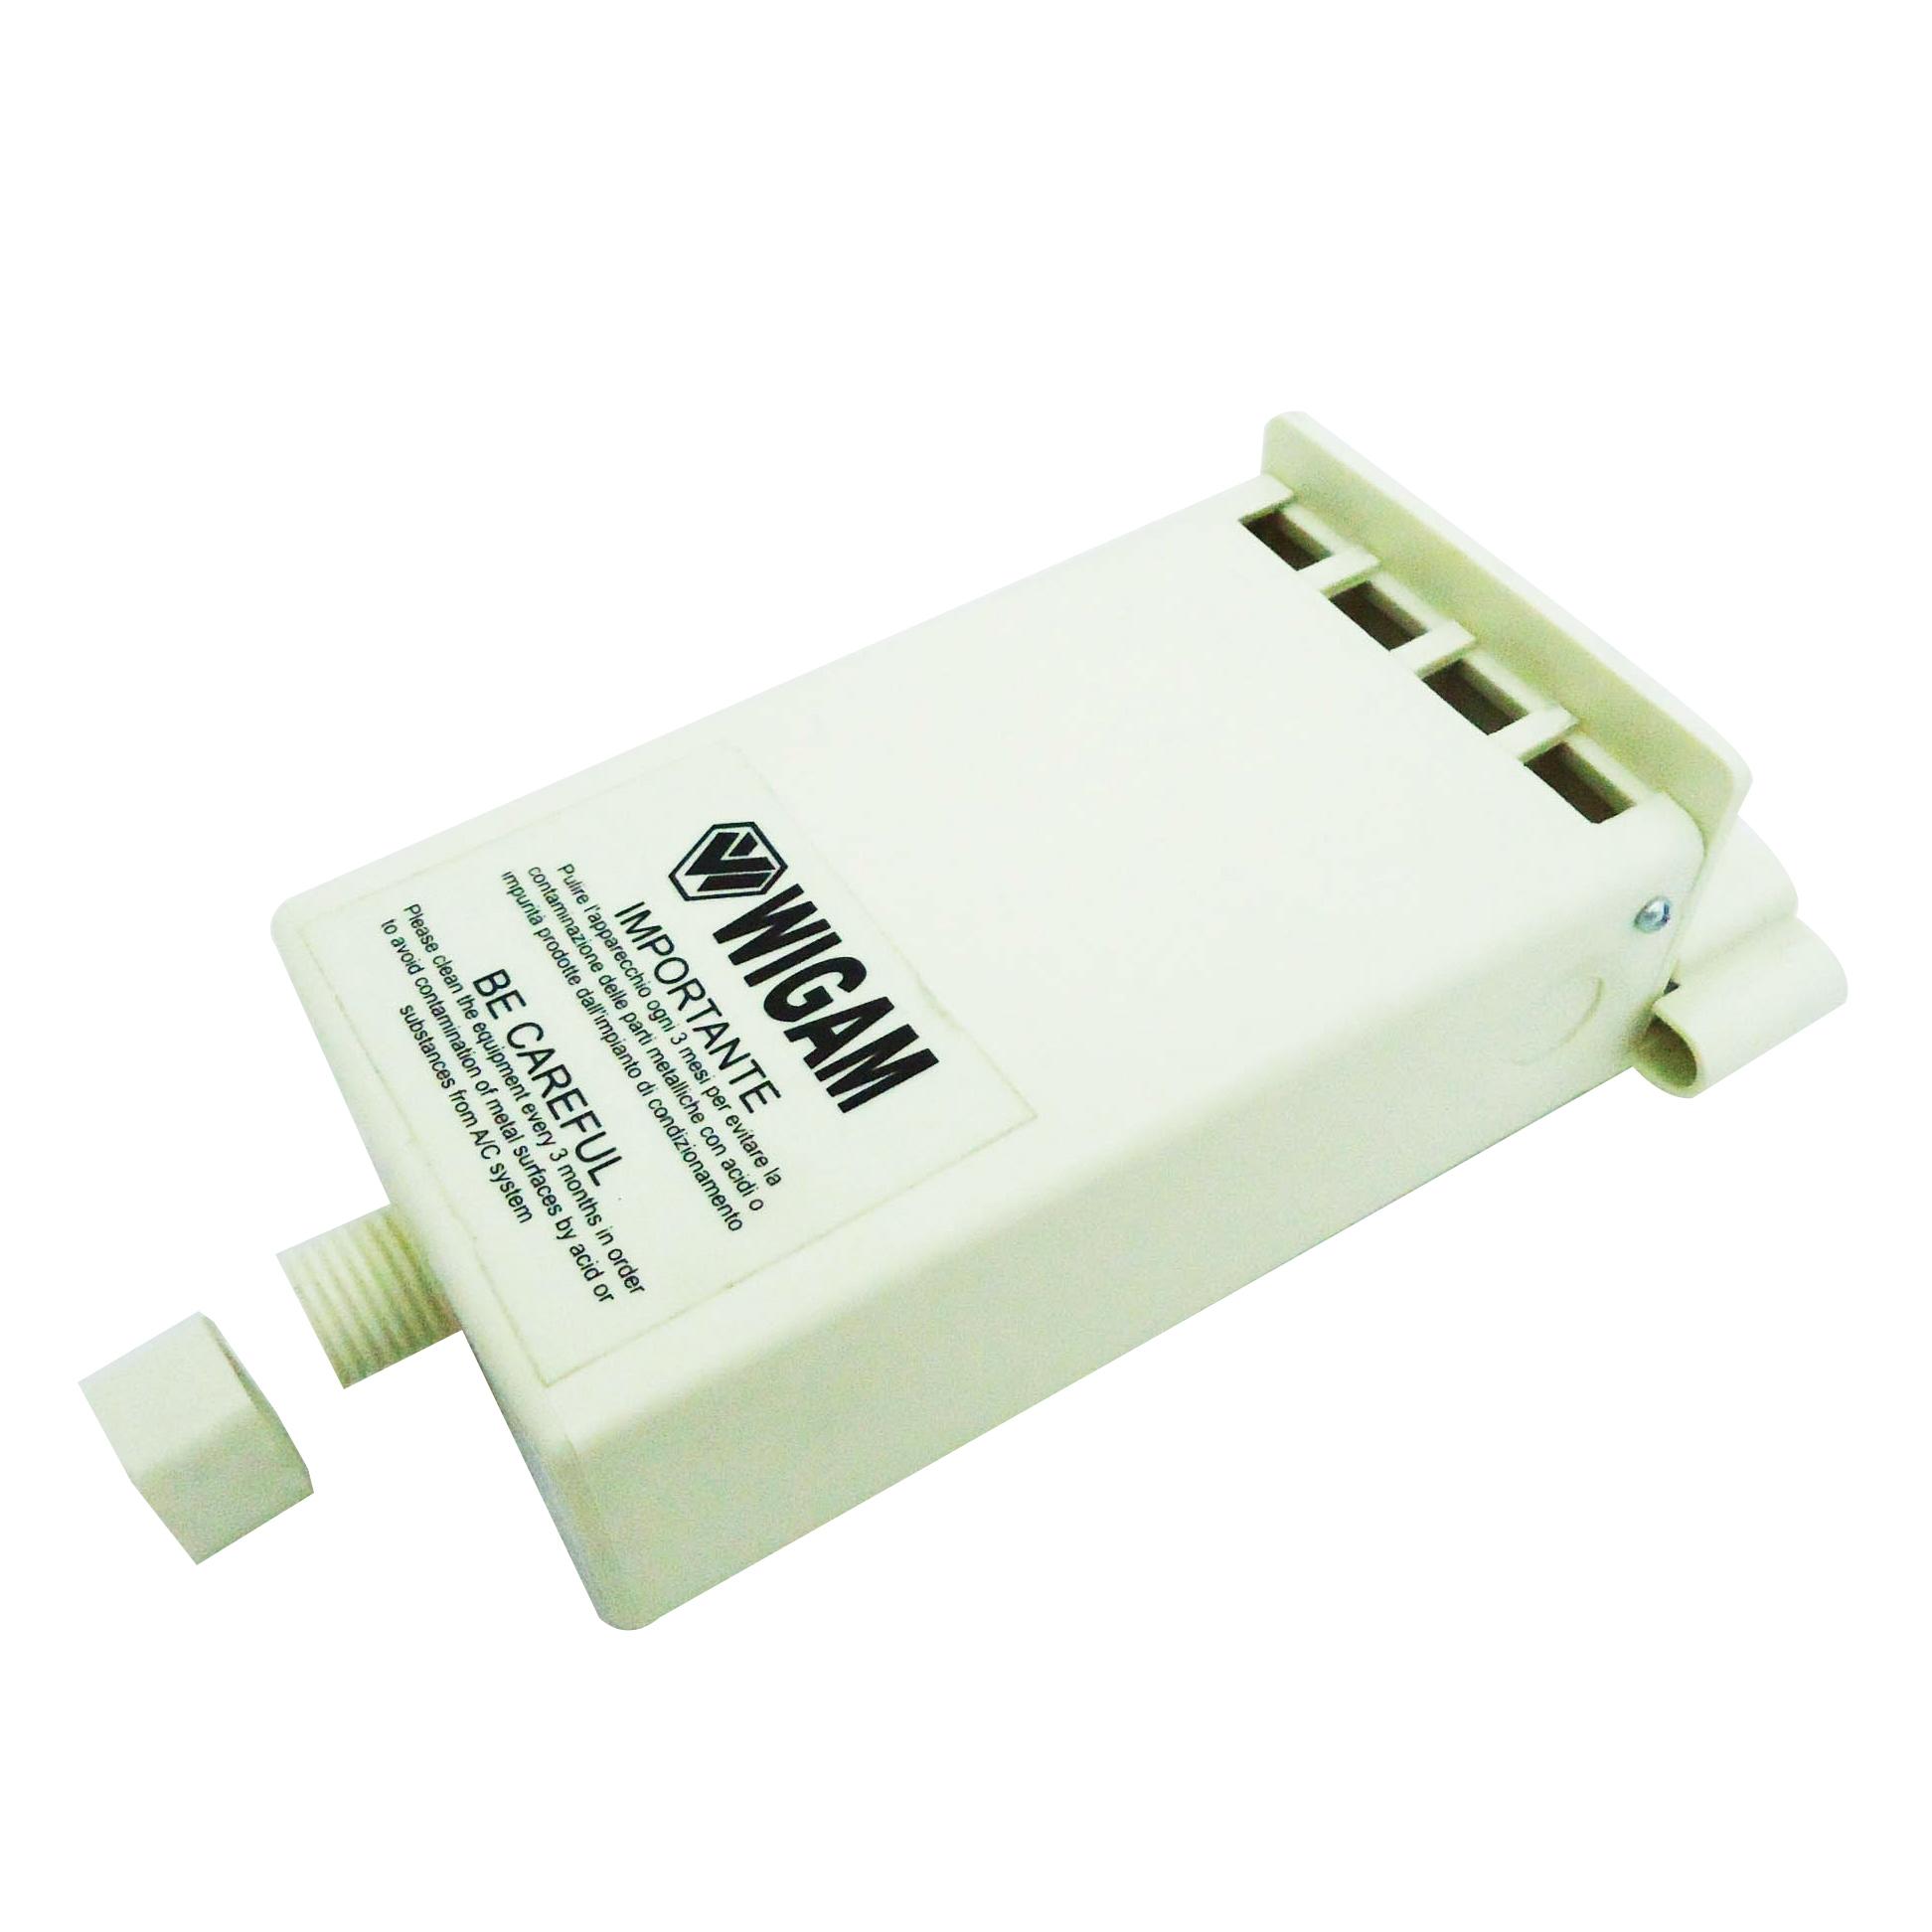 WIGAM Hyppo 02042019 Συσκευή Εξάτμισης Συμπυκνωμάτων Νερου Κλιματιστιστικών home page   best price   κλιματισμός  κλιματισμός    hyppo εξατμιστής νερού κλιμ